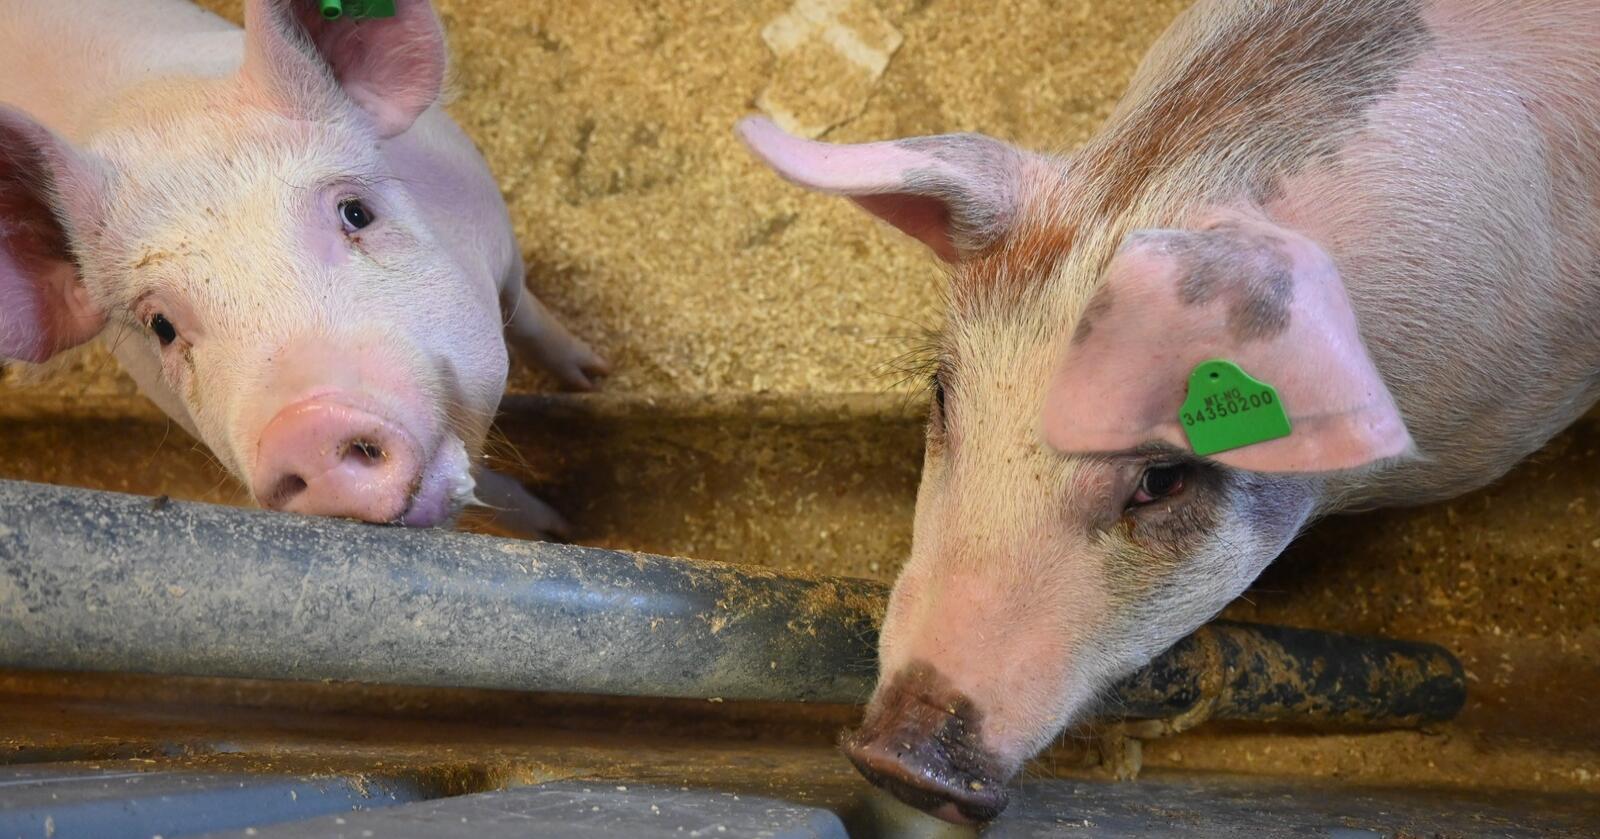 Angrep: Landbruket må lære seg å leve med angrep fra en liten gruppe mennesker som vil hele næringen til livs, og som ikke skyr noen midler, skriver Birger Svihus ved NMBU. (Illustrasjonsfoto: Marit Glærum)